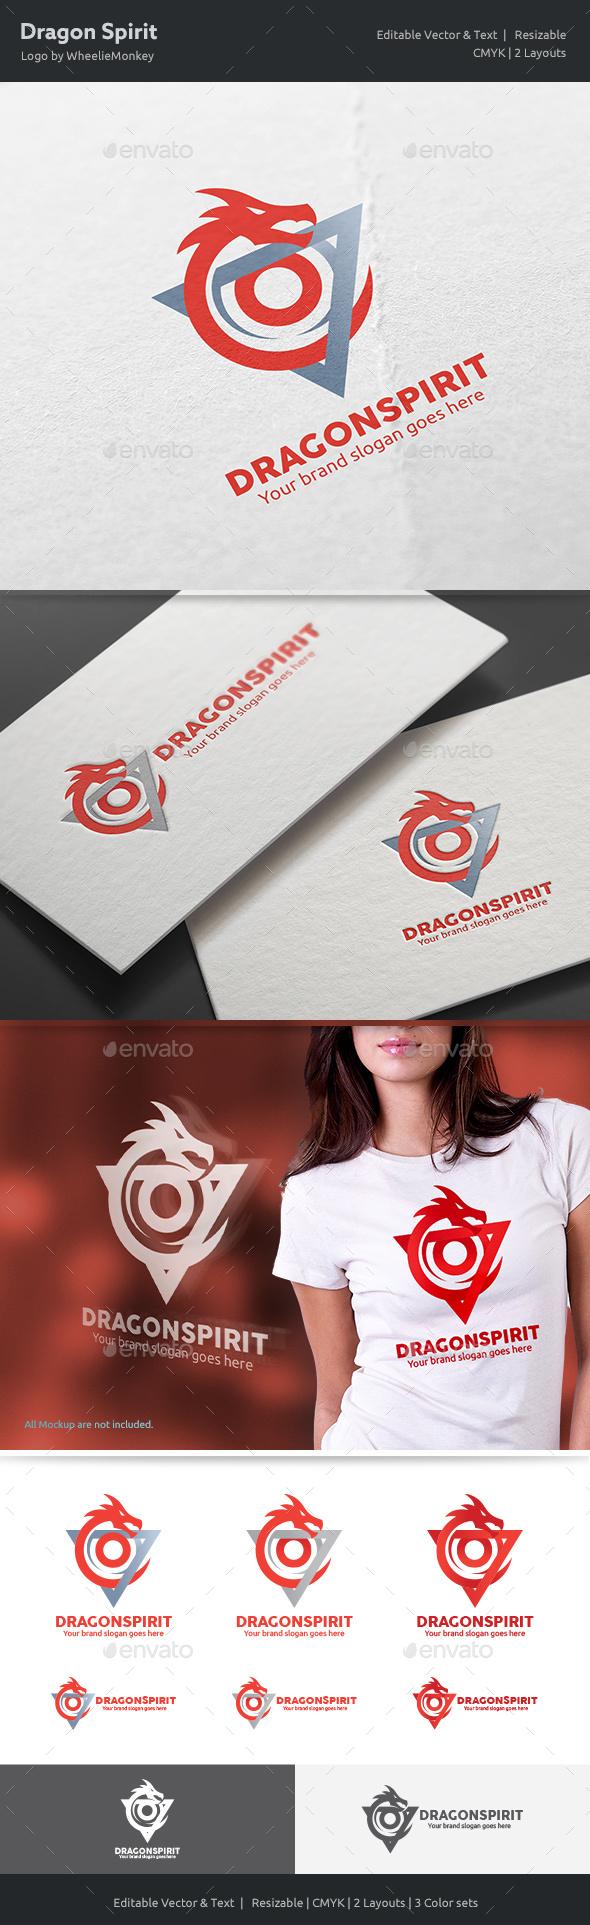 Dragon Spirit Logo - Vector Abstract